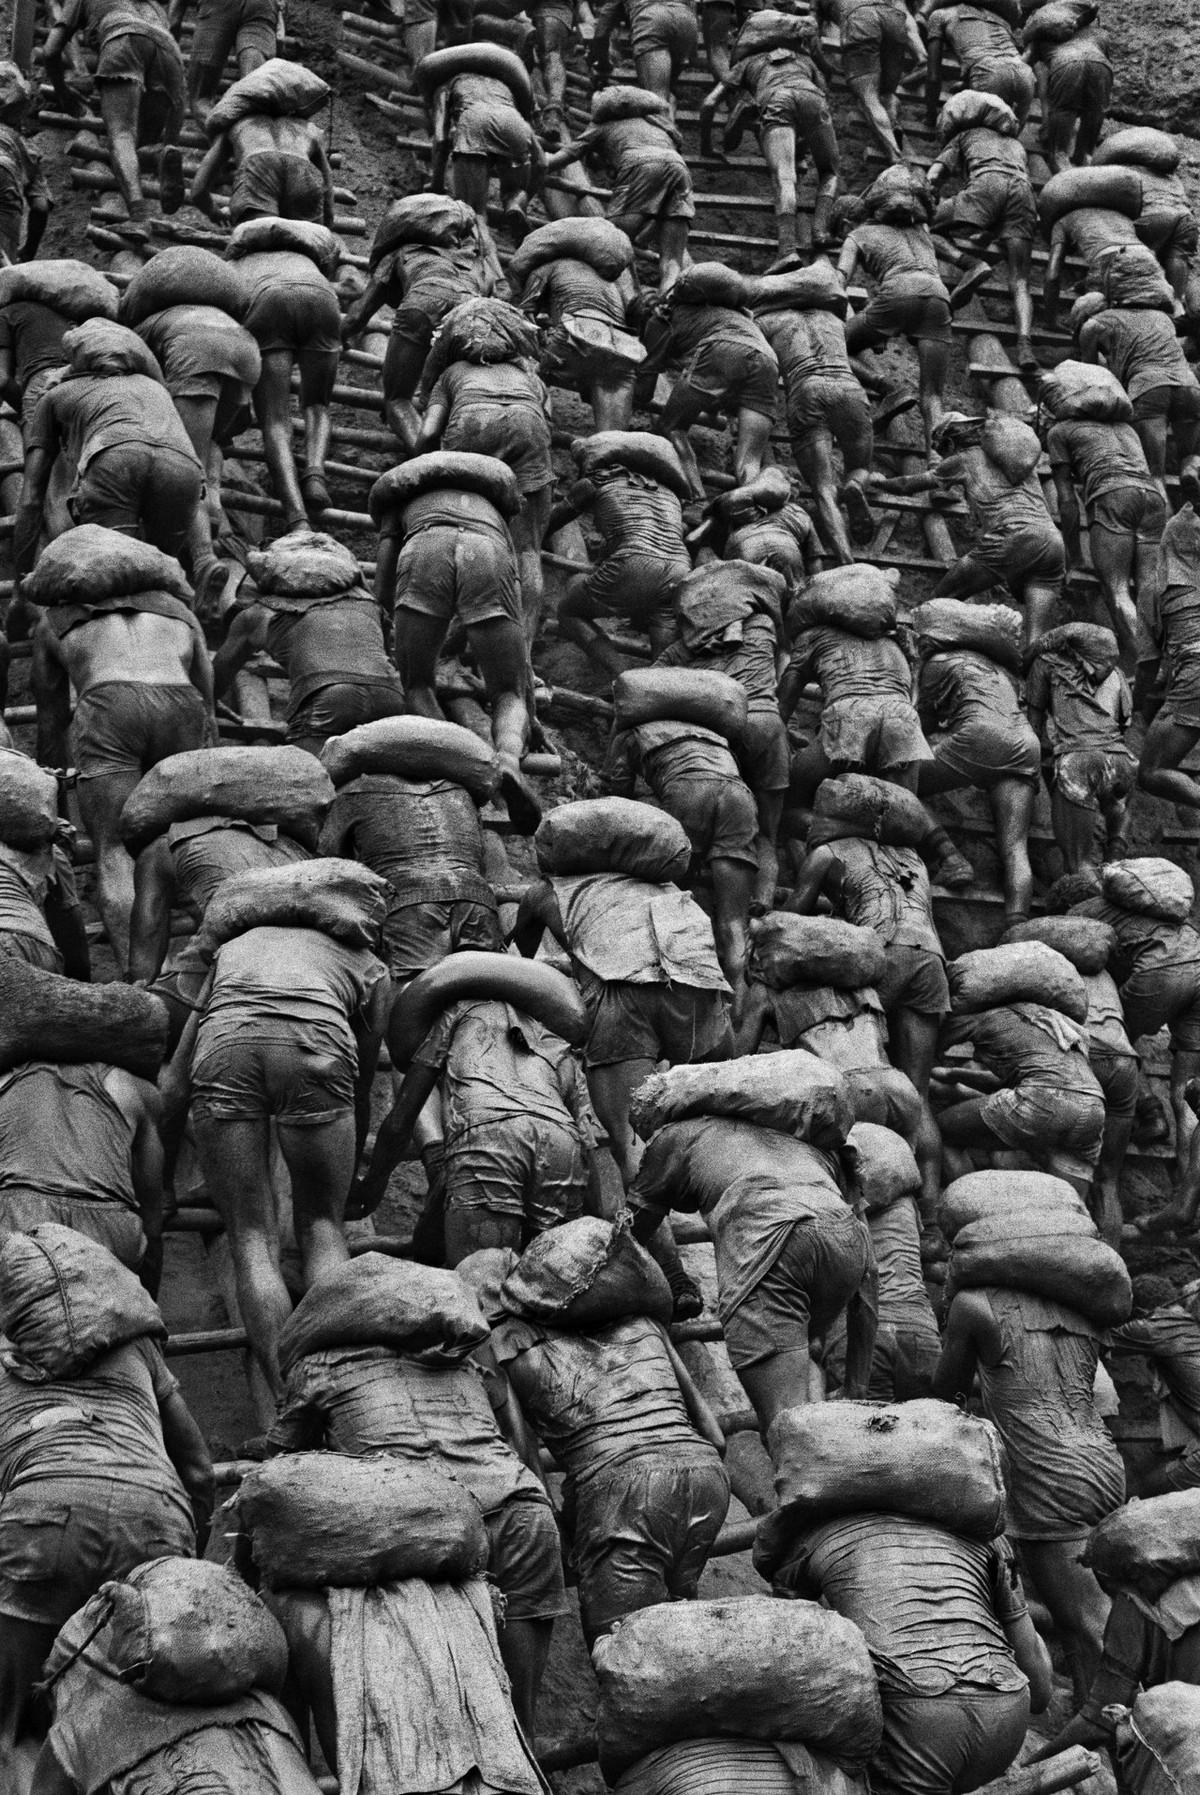 Величие и хрупкость мира в эпичных чёрно-белых снимках Себастьяна Сальгадо